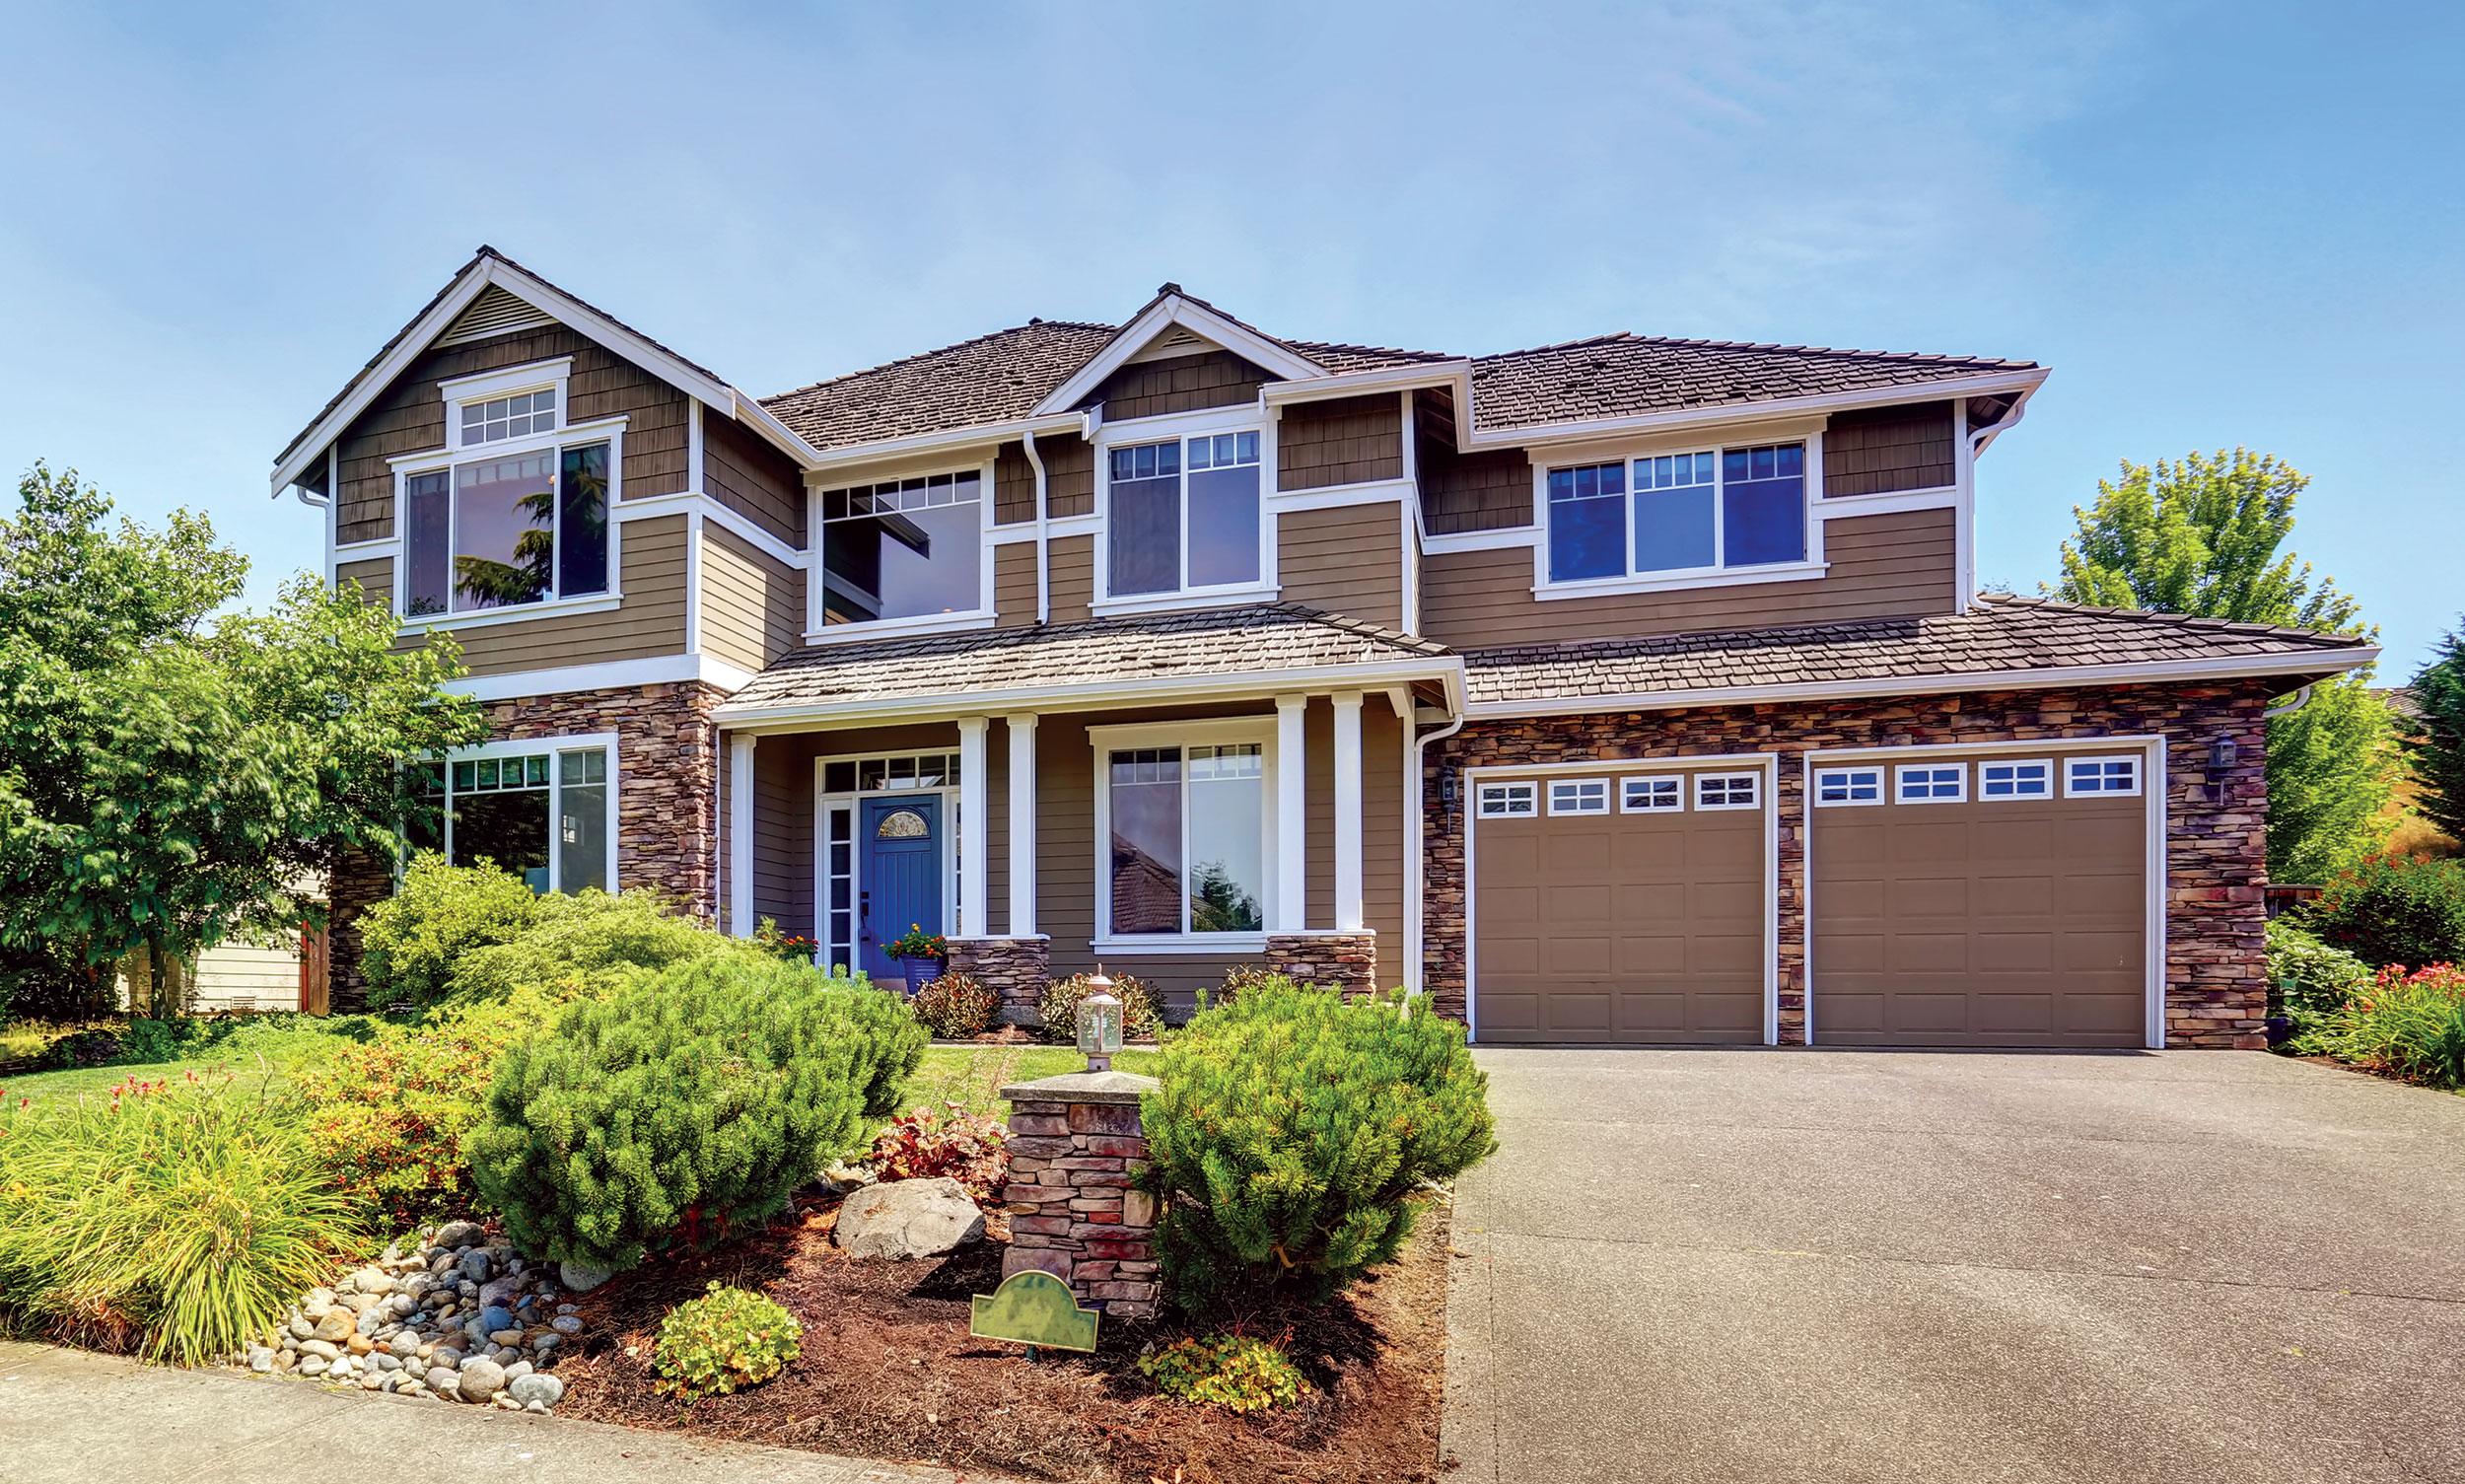 weatherbarr-cornerstone-slider-house-exterior.jpg